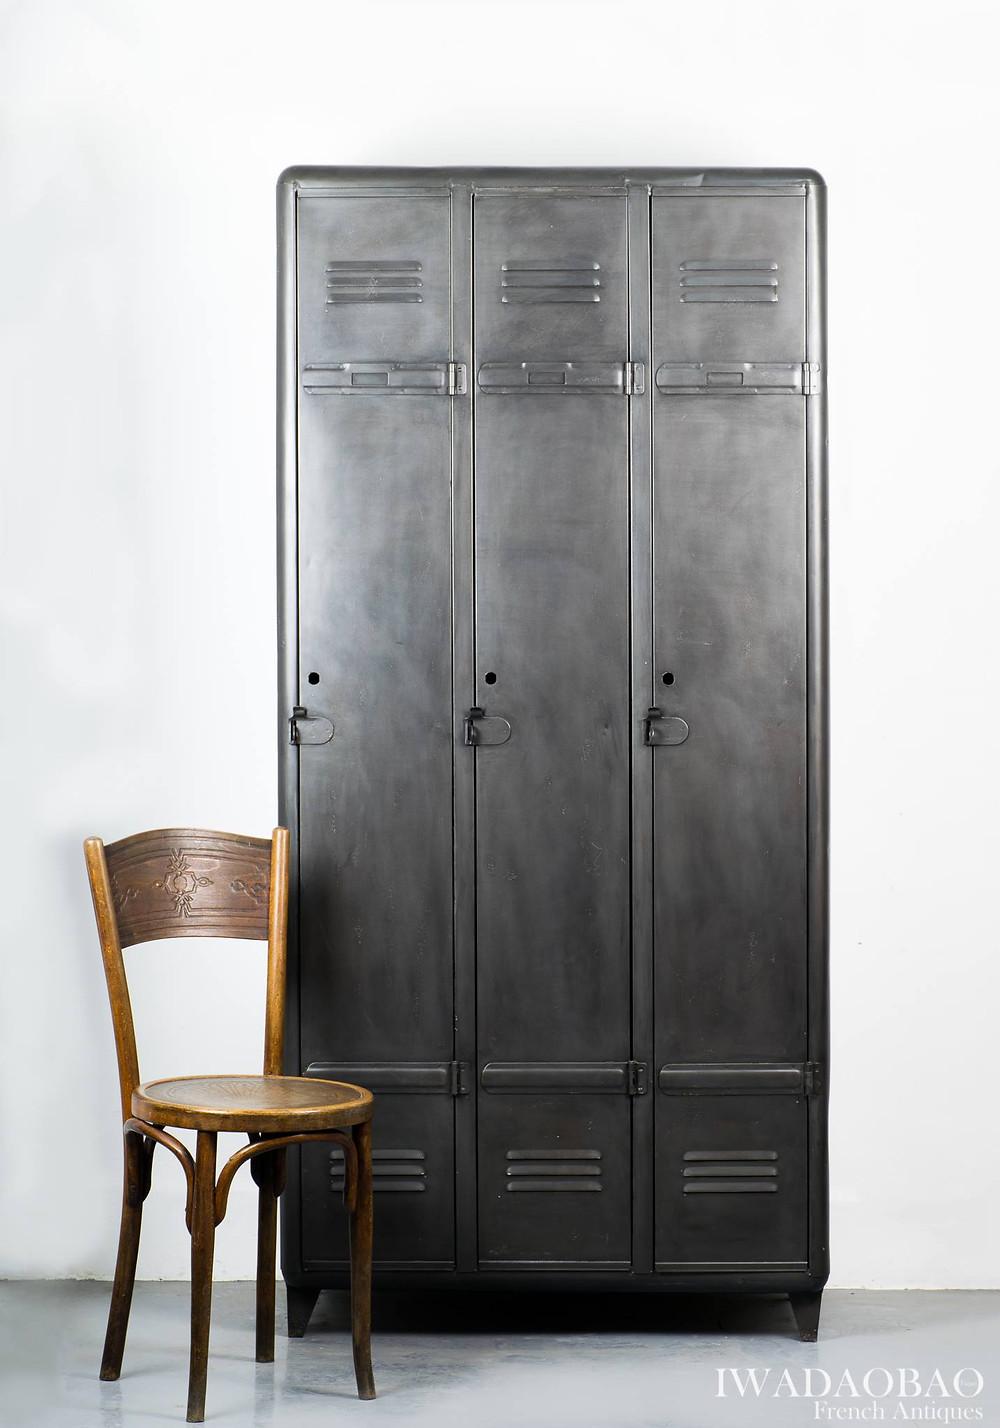 法國工業老鐵櫃